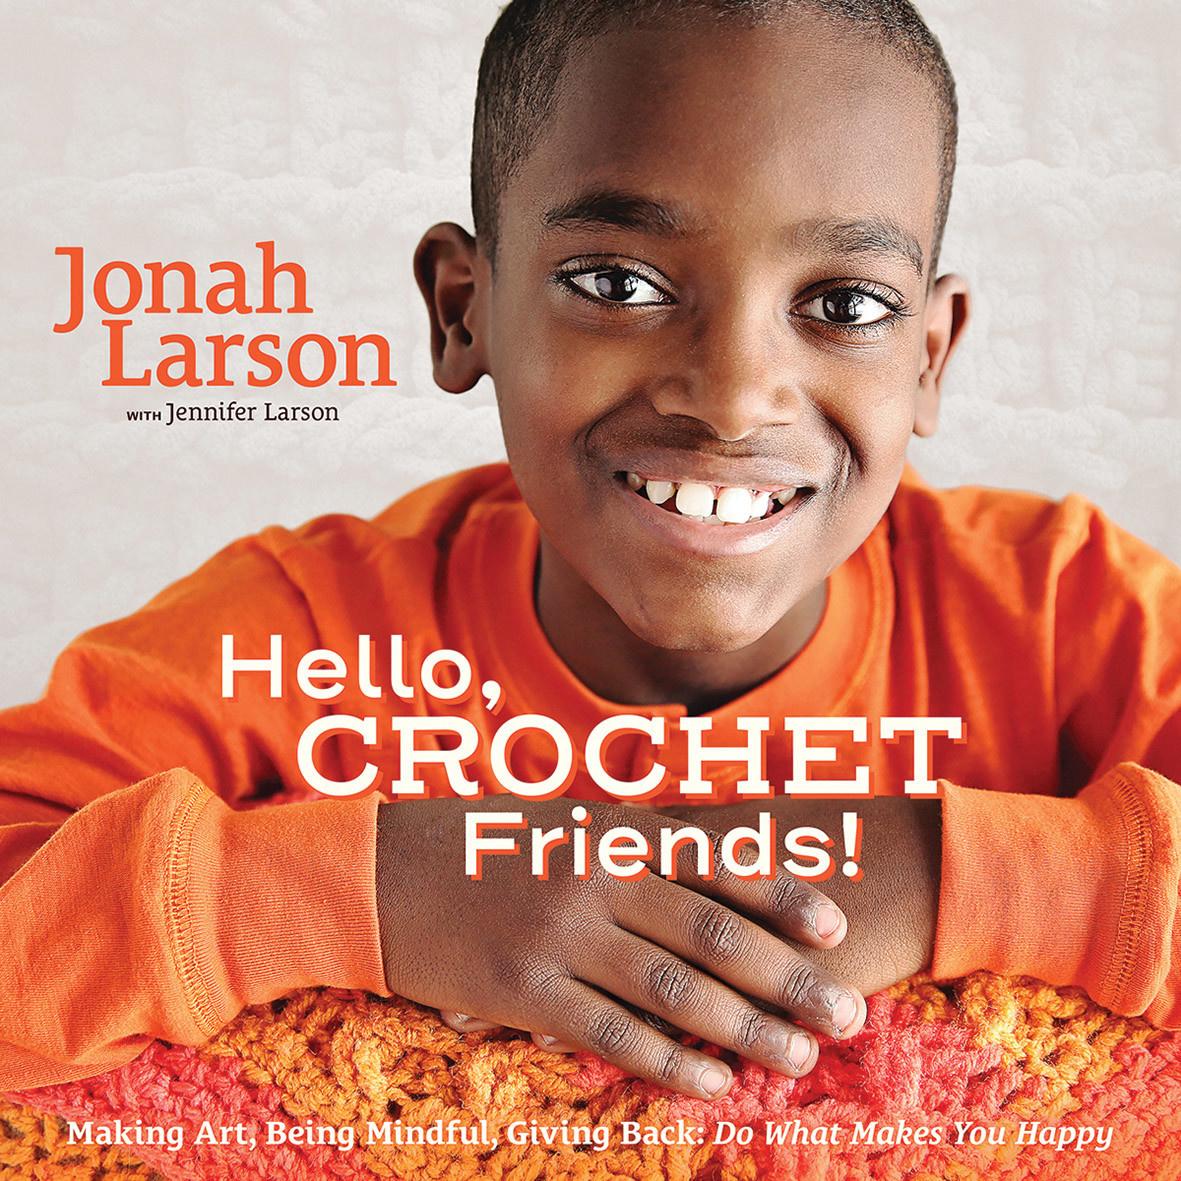 HELLO, CROCHET FRIENDS! by JONAH LARSON & JENNIFER LARSON